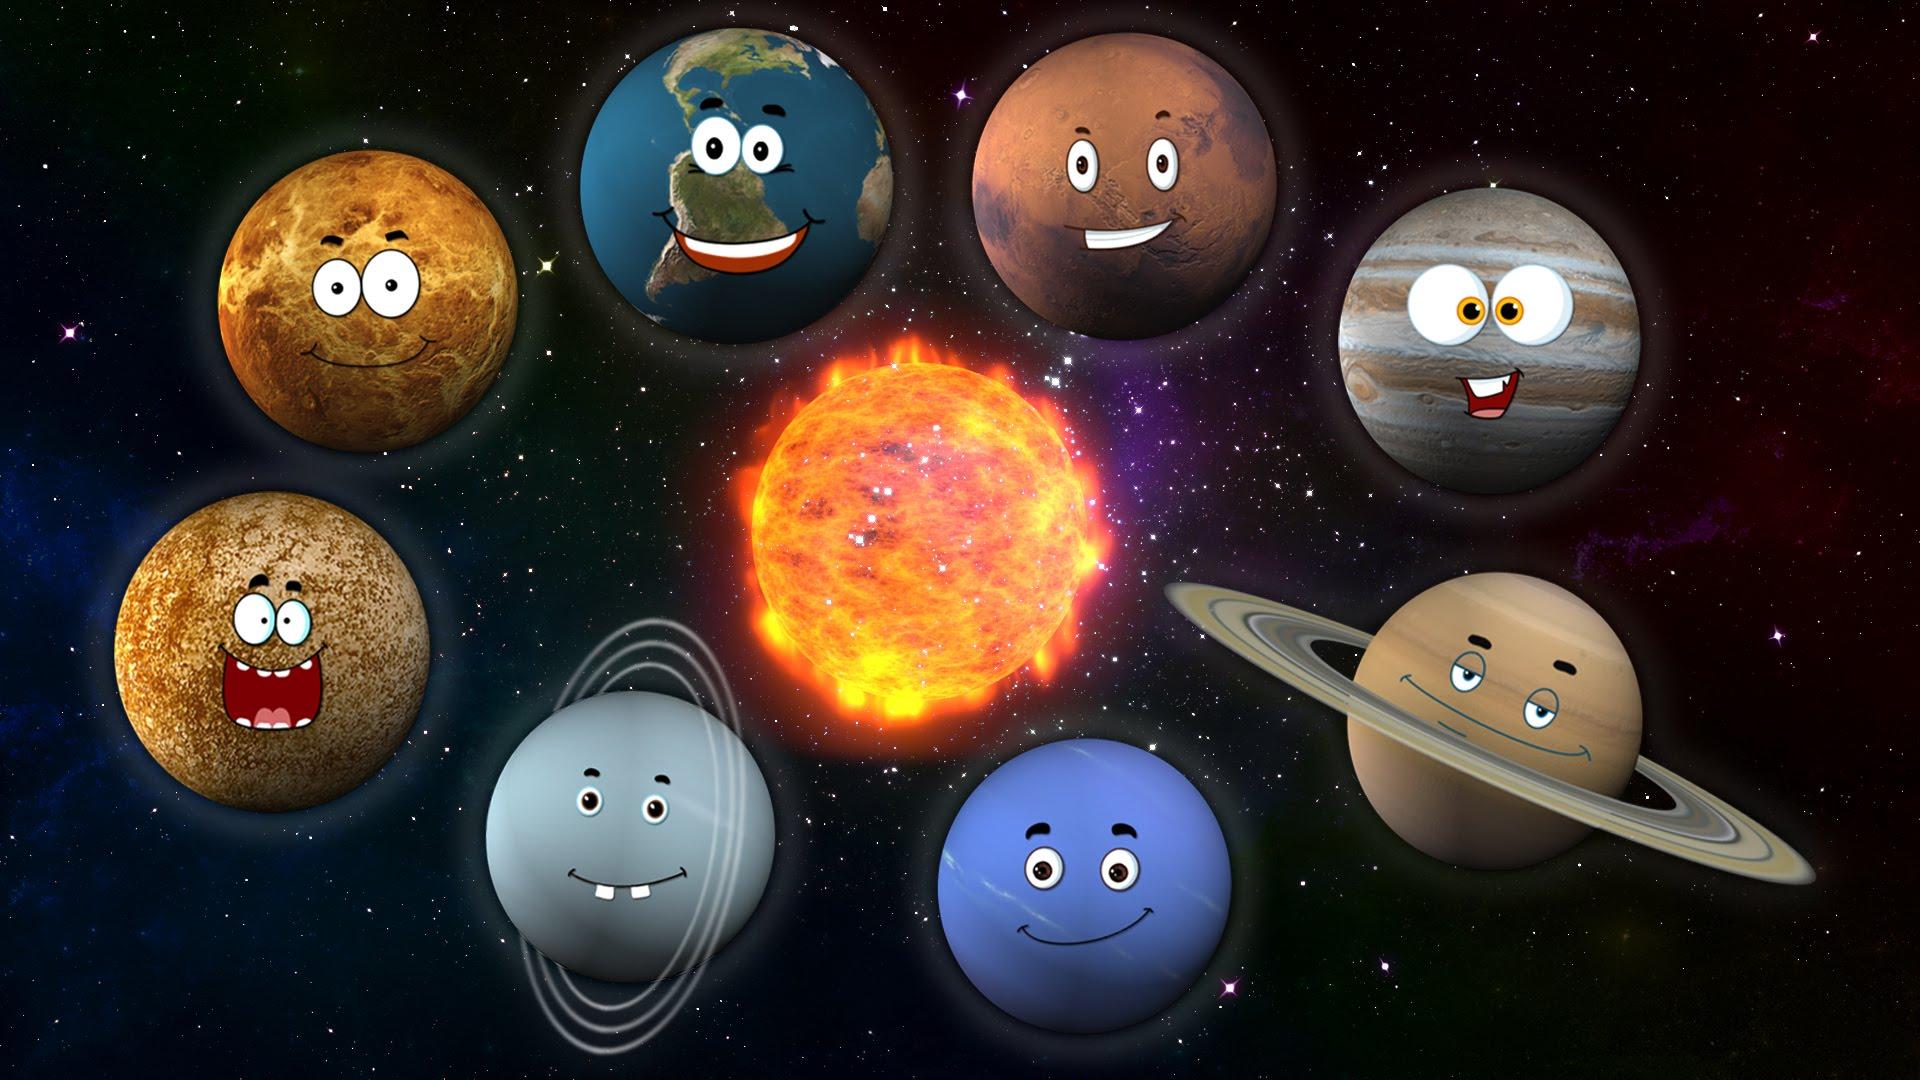 「一首歌教你太陽系八大行星」- Planets Song